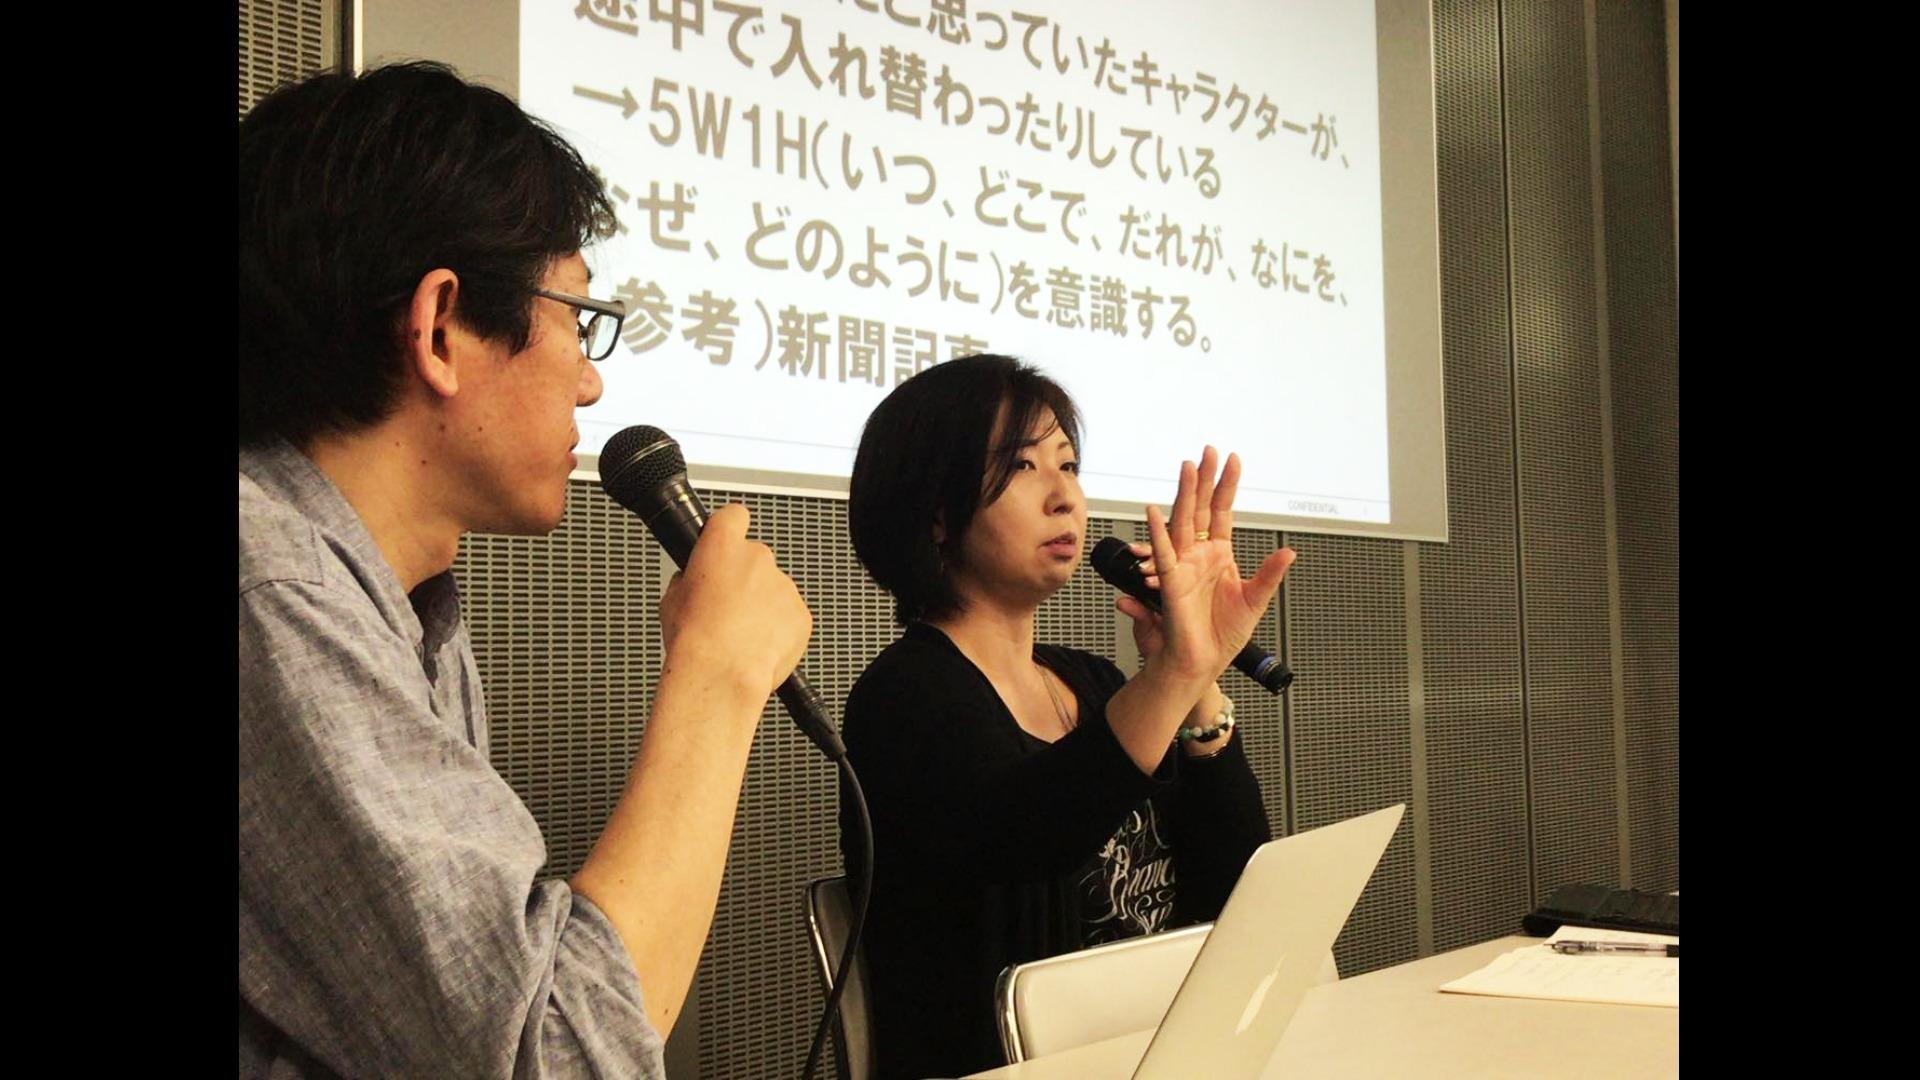 【イベント模様】勝ち抜け!シナリオコンクール対策講座